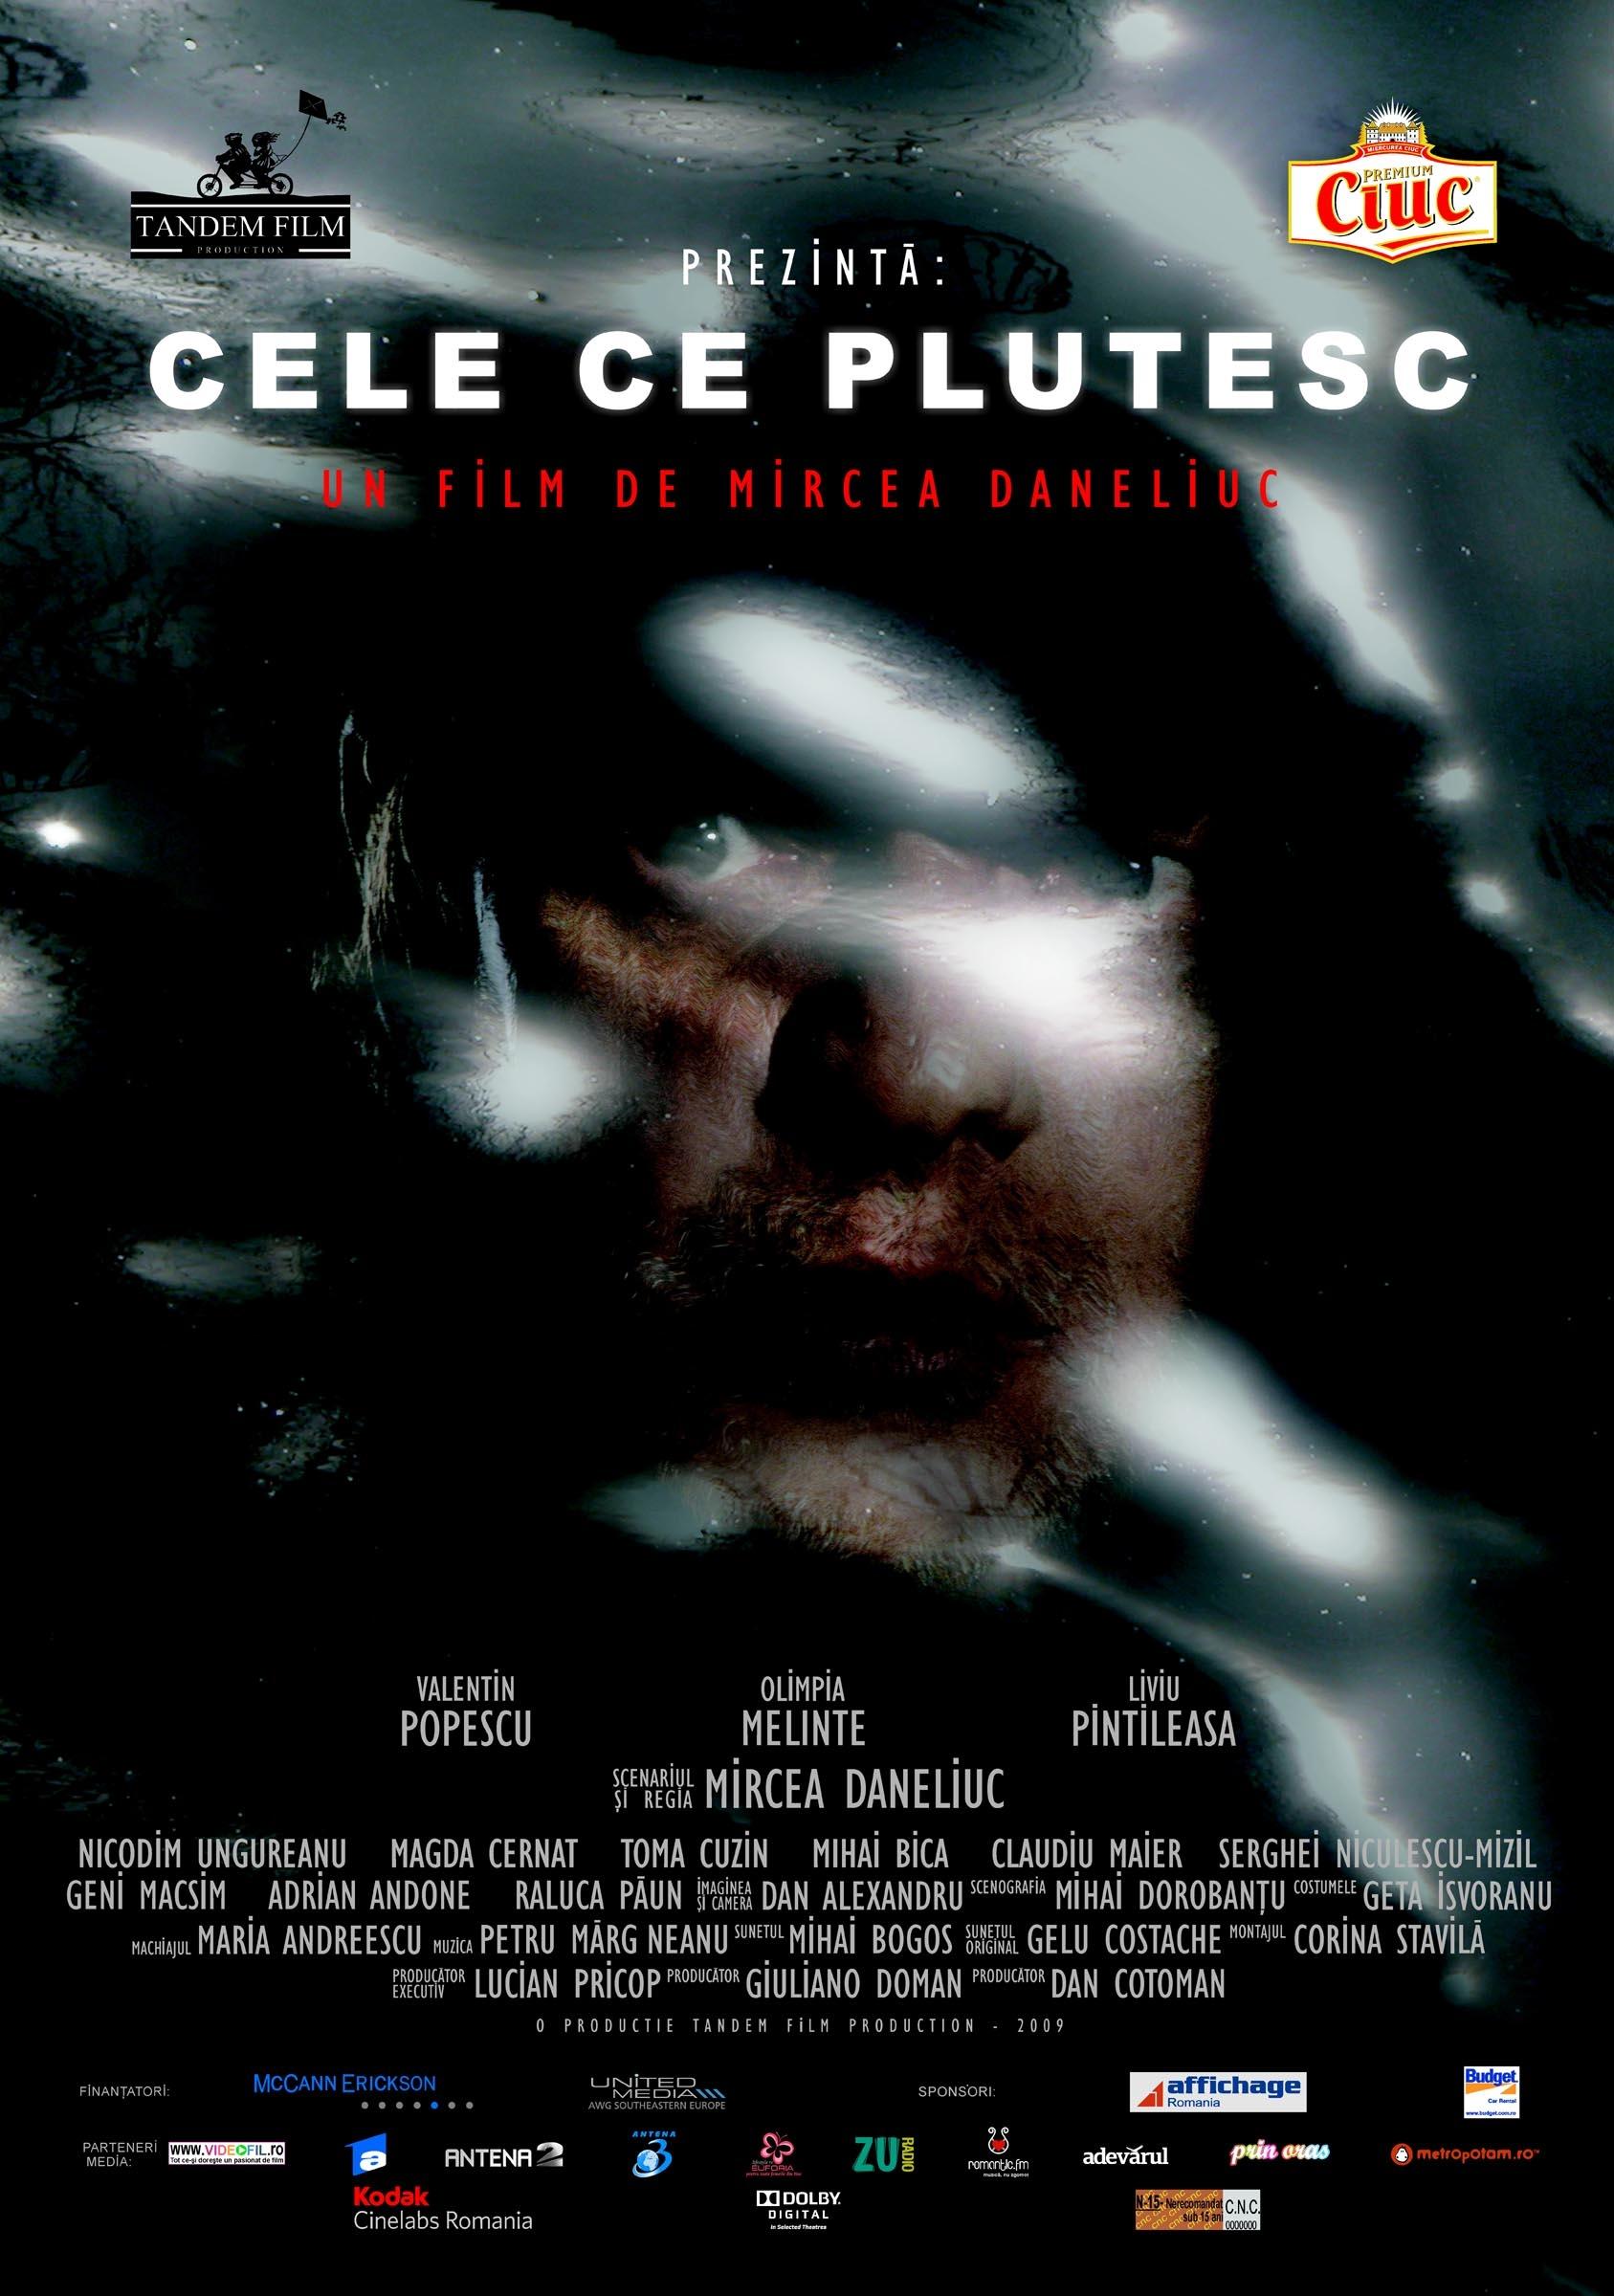 Cele ce plutesc (2009) - Photo